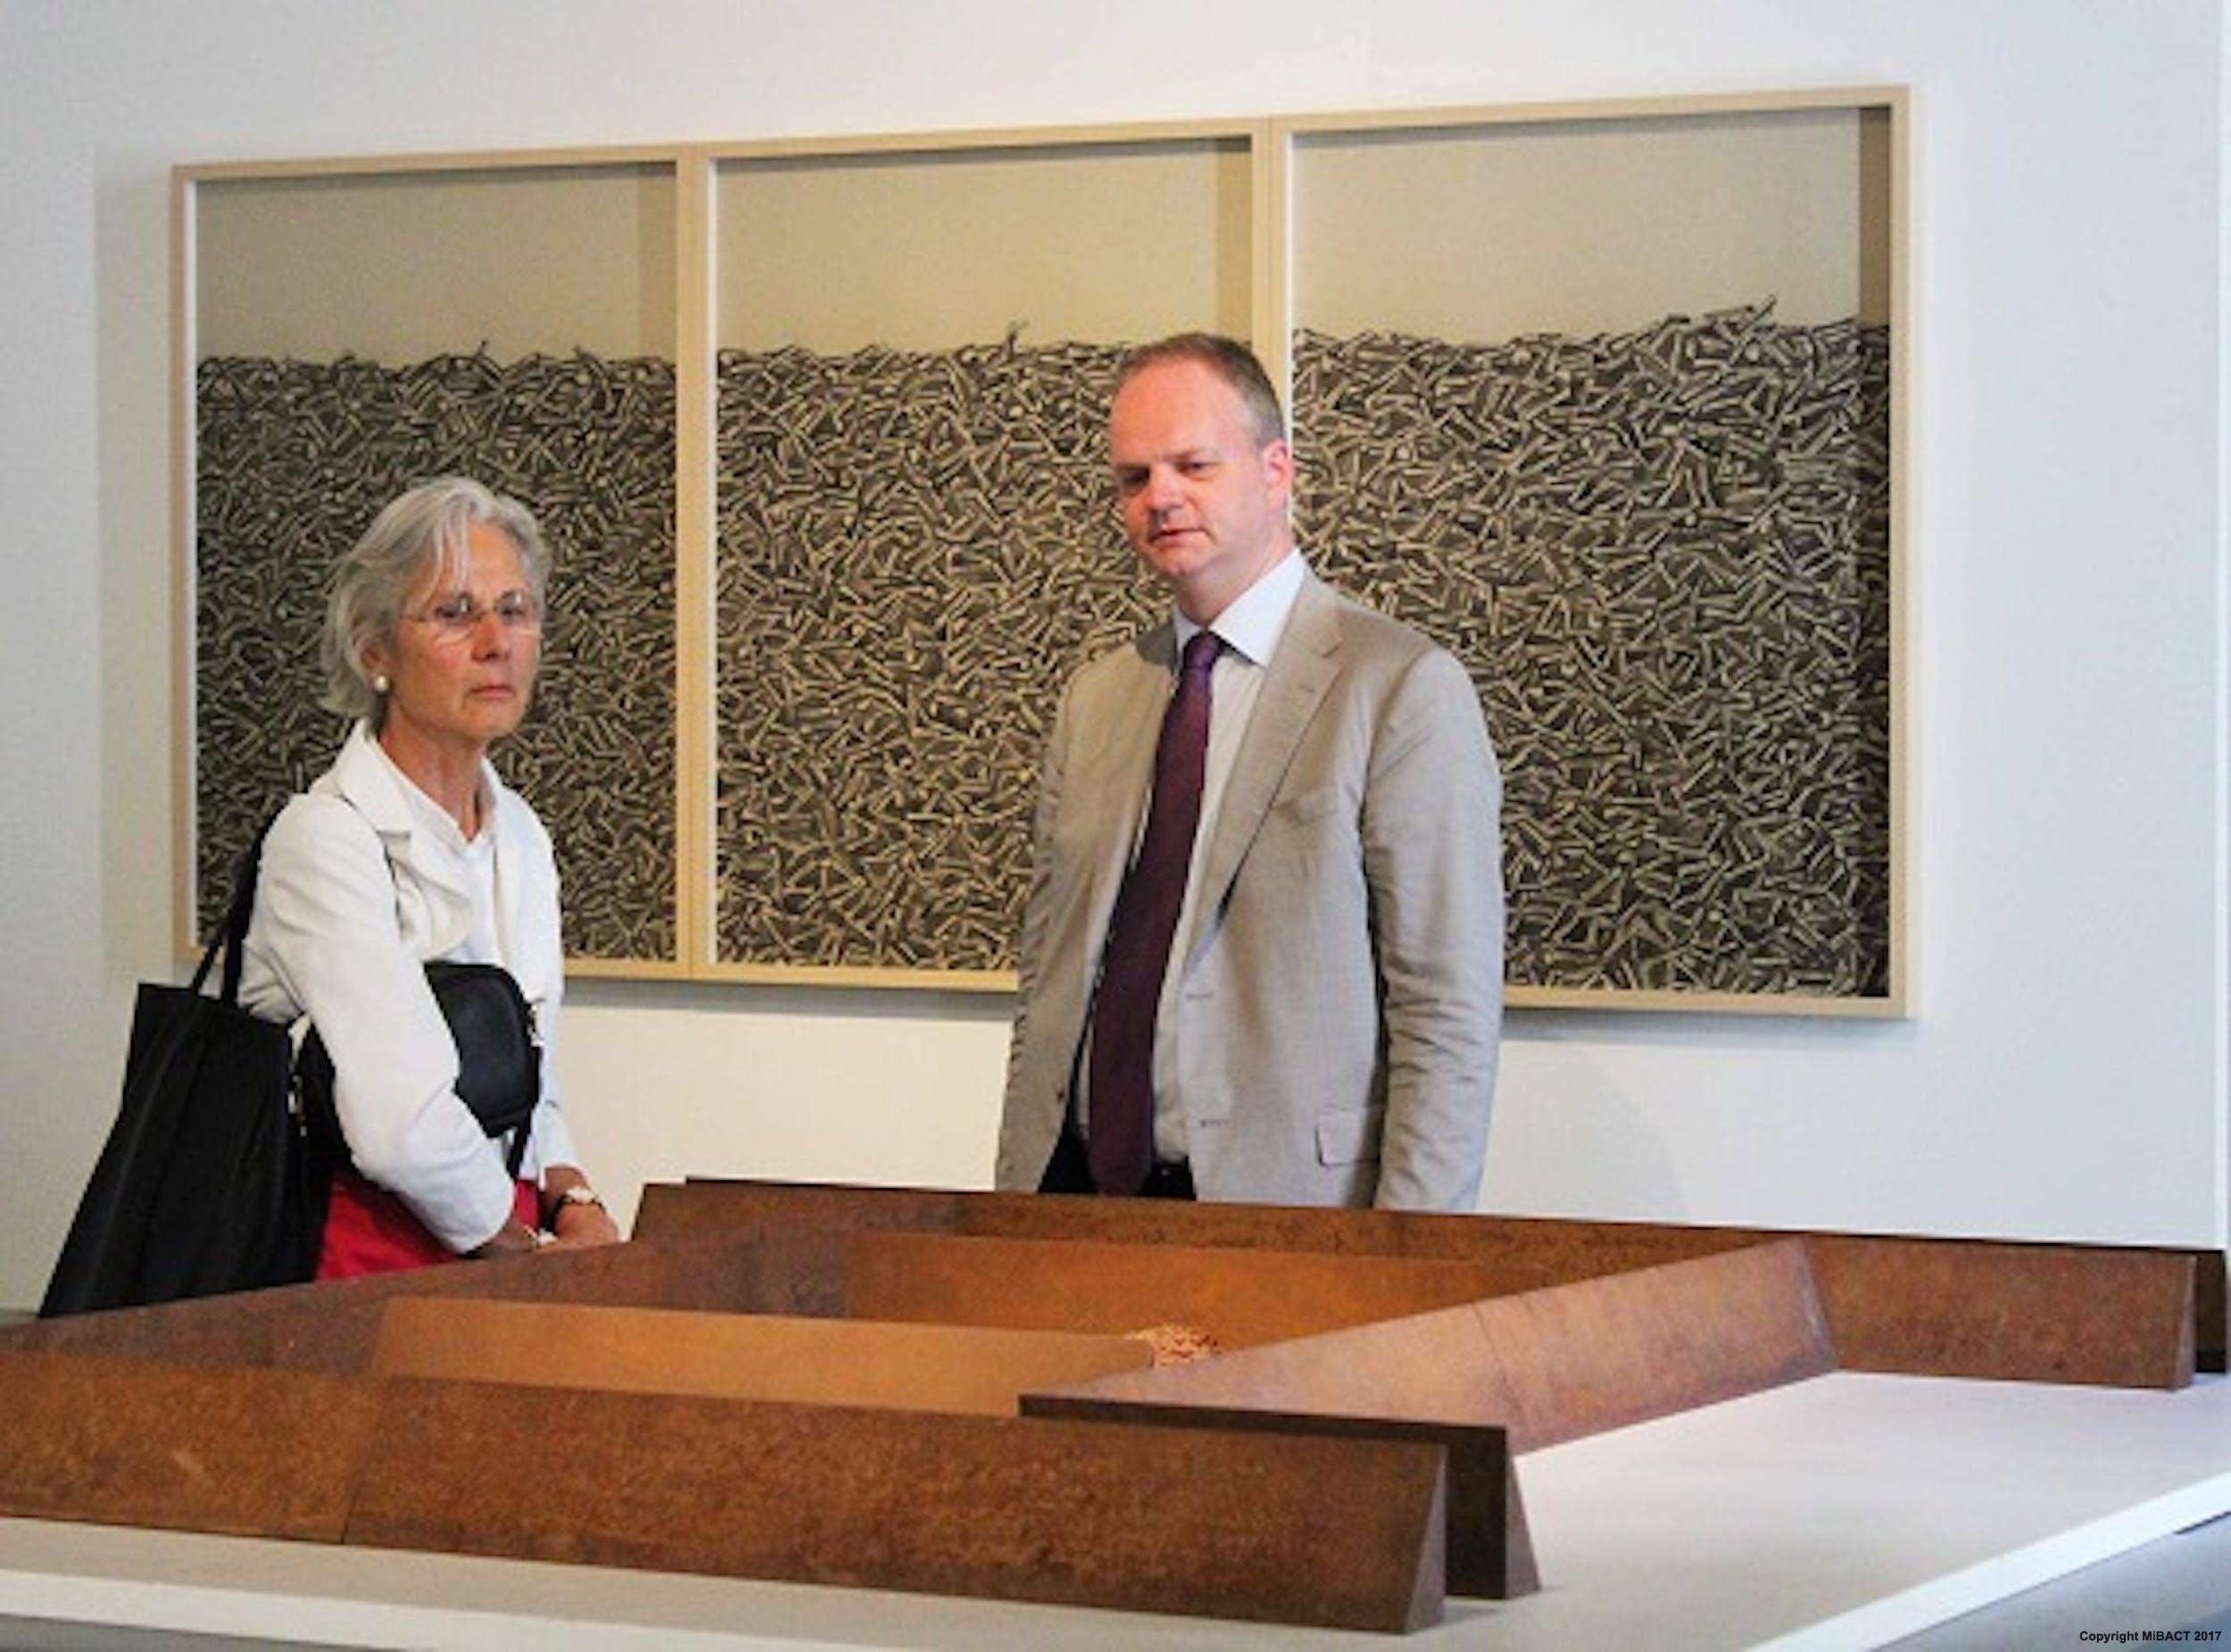 Il Direttore Eike Schmidt con l'ambasciatrice della Repubblica Federale tedesca Susanne Wasum Reiner